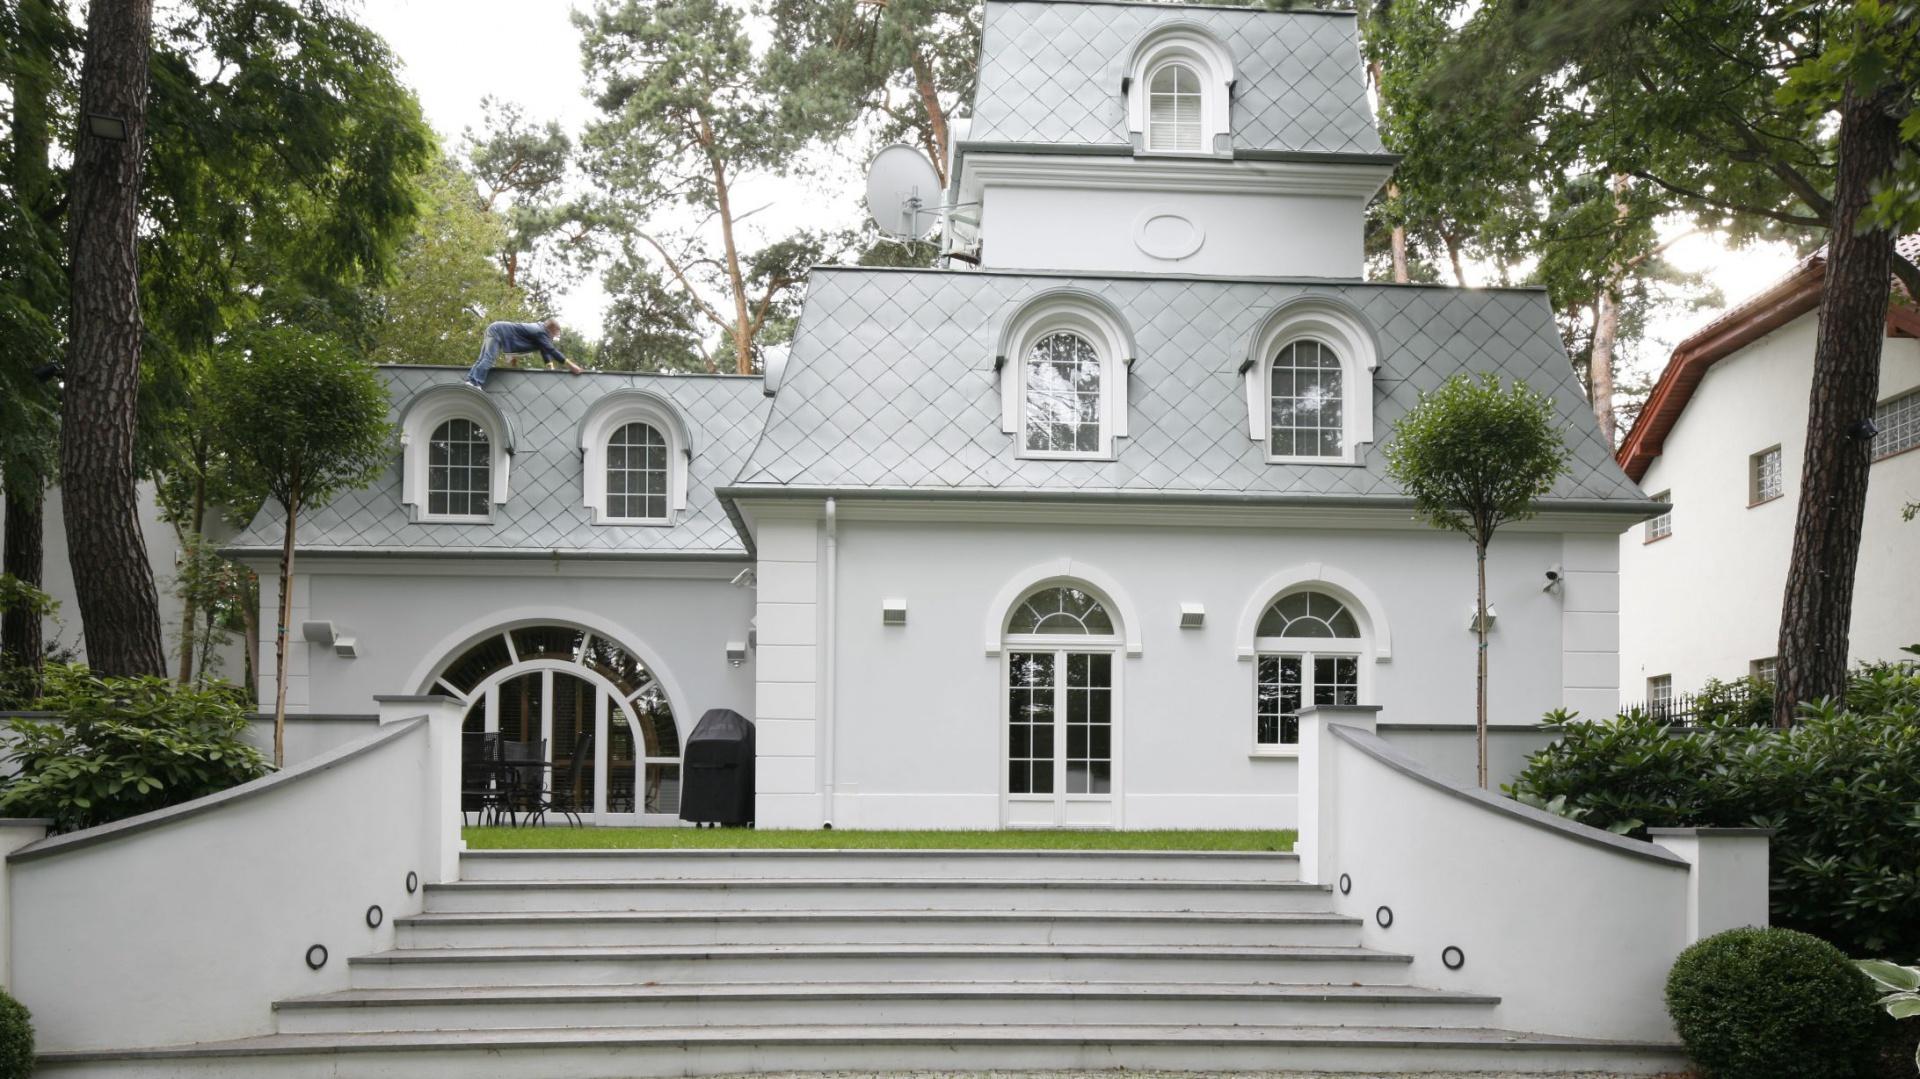 Inspirowany stylem secesyjnym dworek wyróżnia asymetryczna bryła budynku. Fot. Bartosz Jarosz.